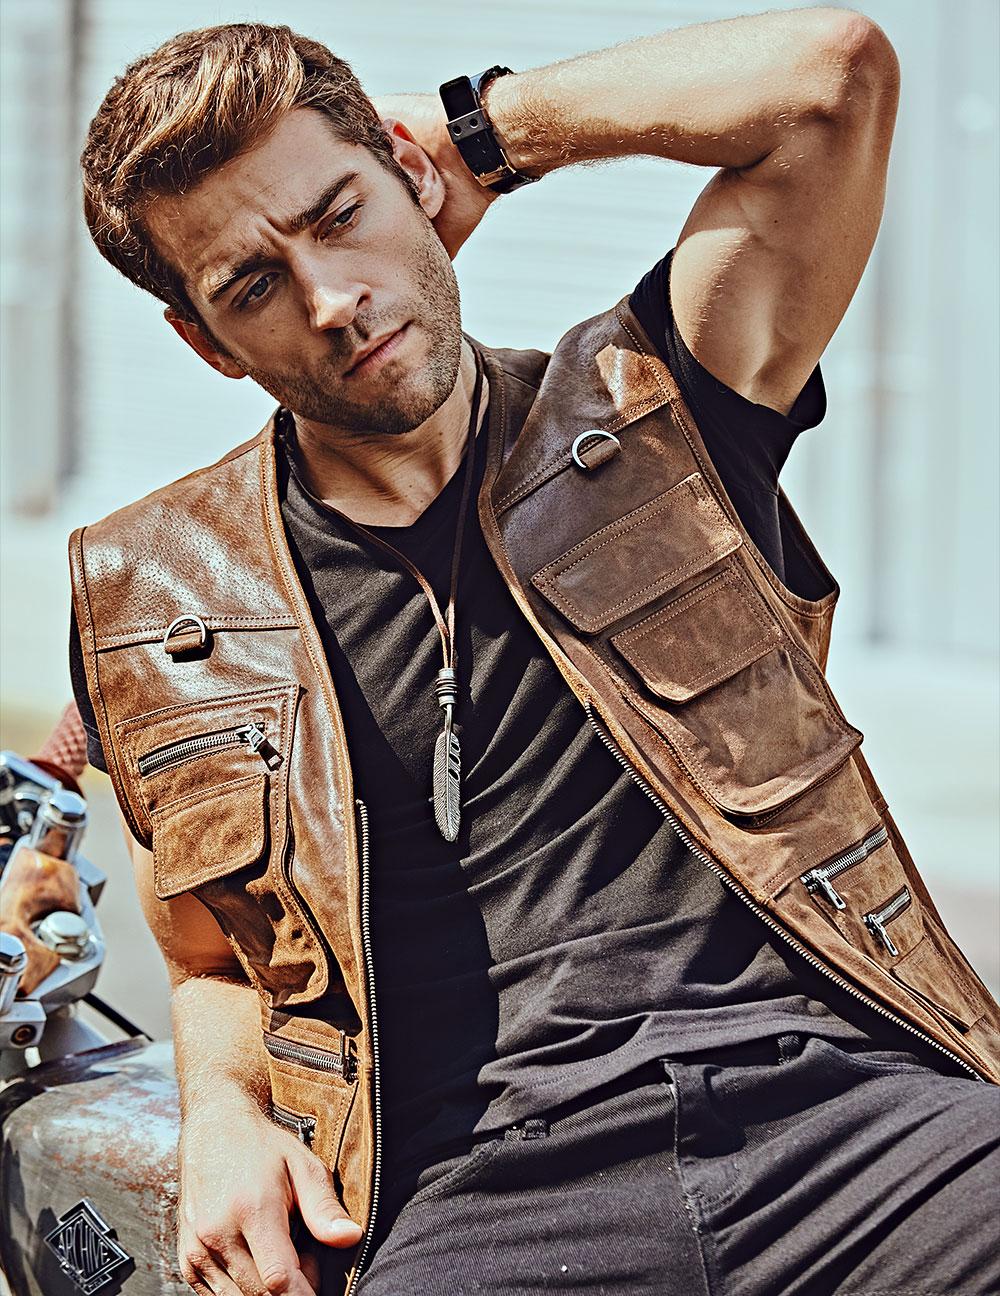 H198e82654bf34fc68bf2a1ad6f4e587eI FLAVOR New Men's Real Leather Vest Men's Motorcycle Fishing Outdoor Travel Vests